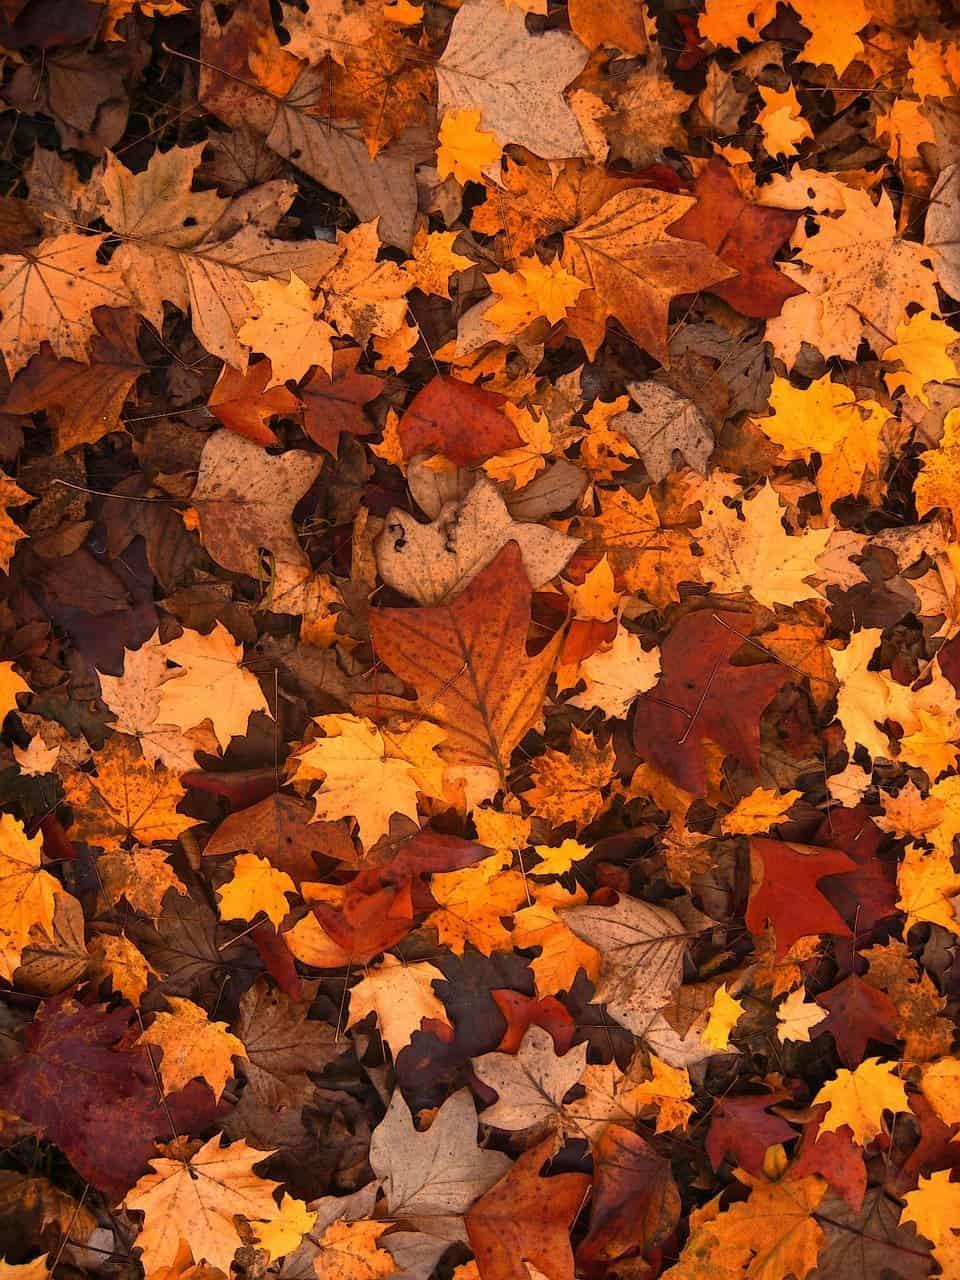 autumn-111315_1280